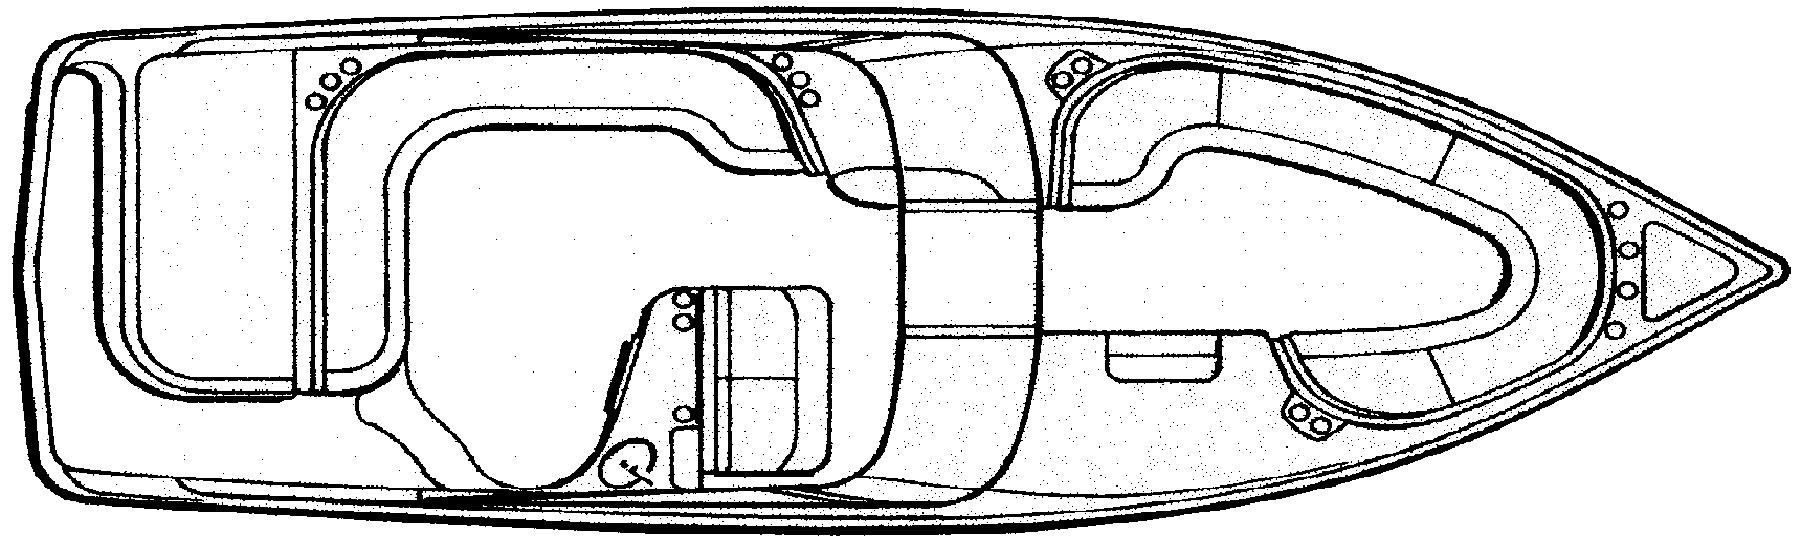 288 Bowrider Floor Plan 1